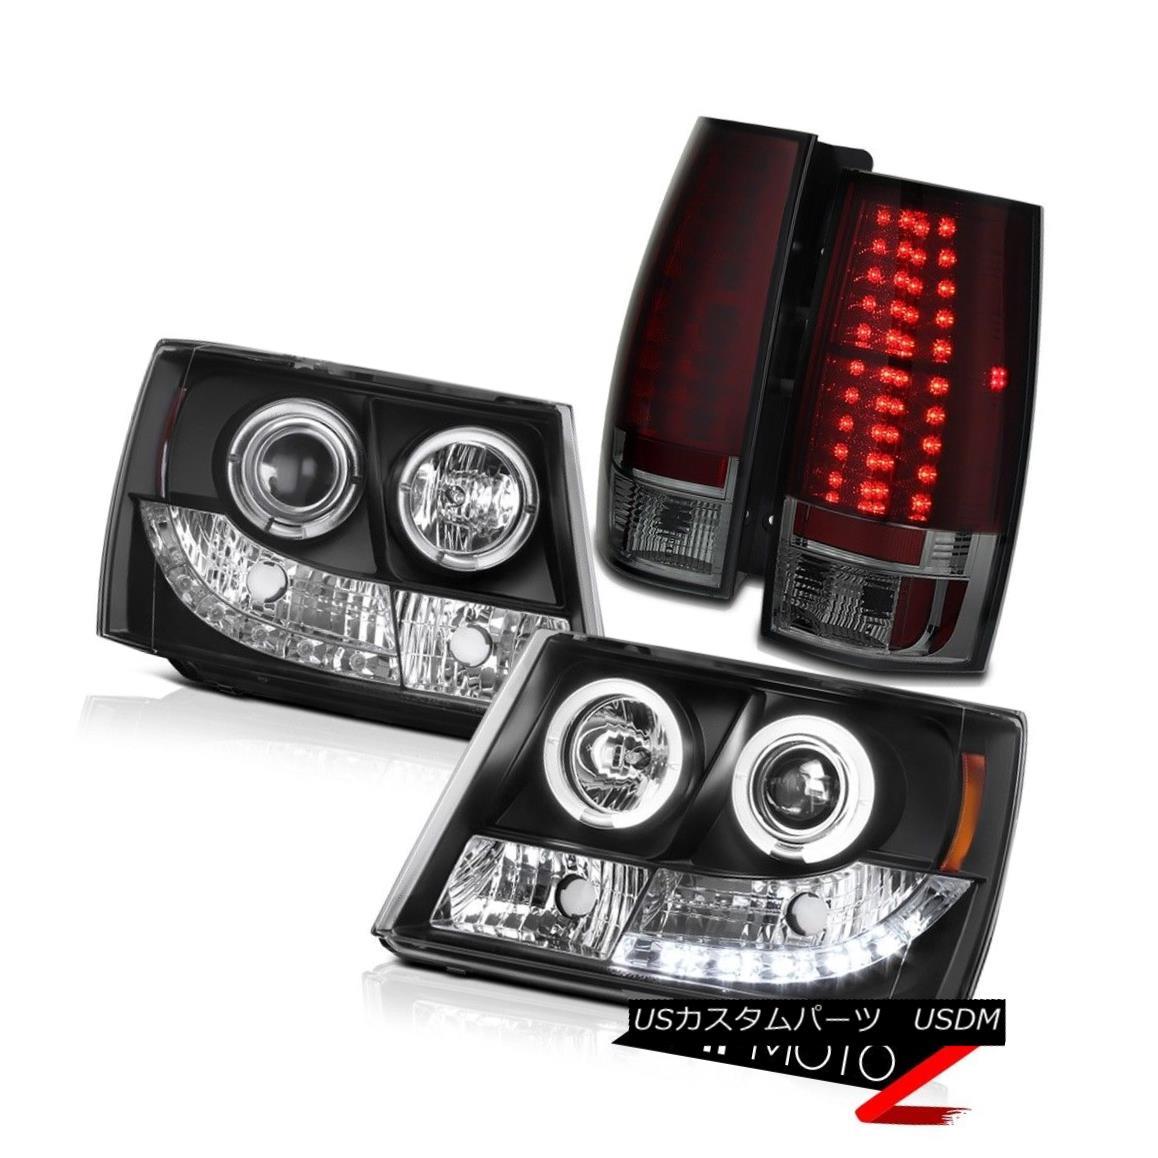 テールライト L+R SMOKEY RED LED Tail Light+HaLo Proejctor Headlights Chevy 2007-2013 Suburban L + R SMOKED RED LEDテールライト+ハロープロジェクターヘッドライトChevy 2007-2013郊外